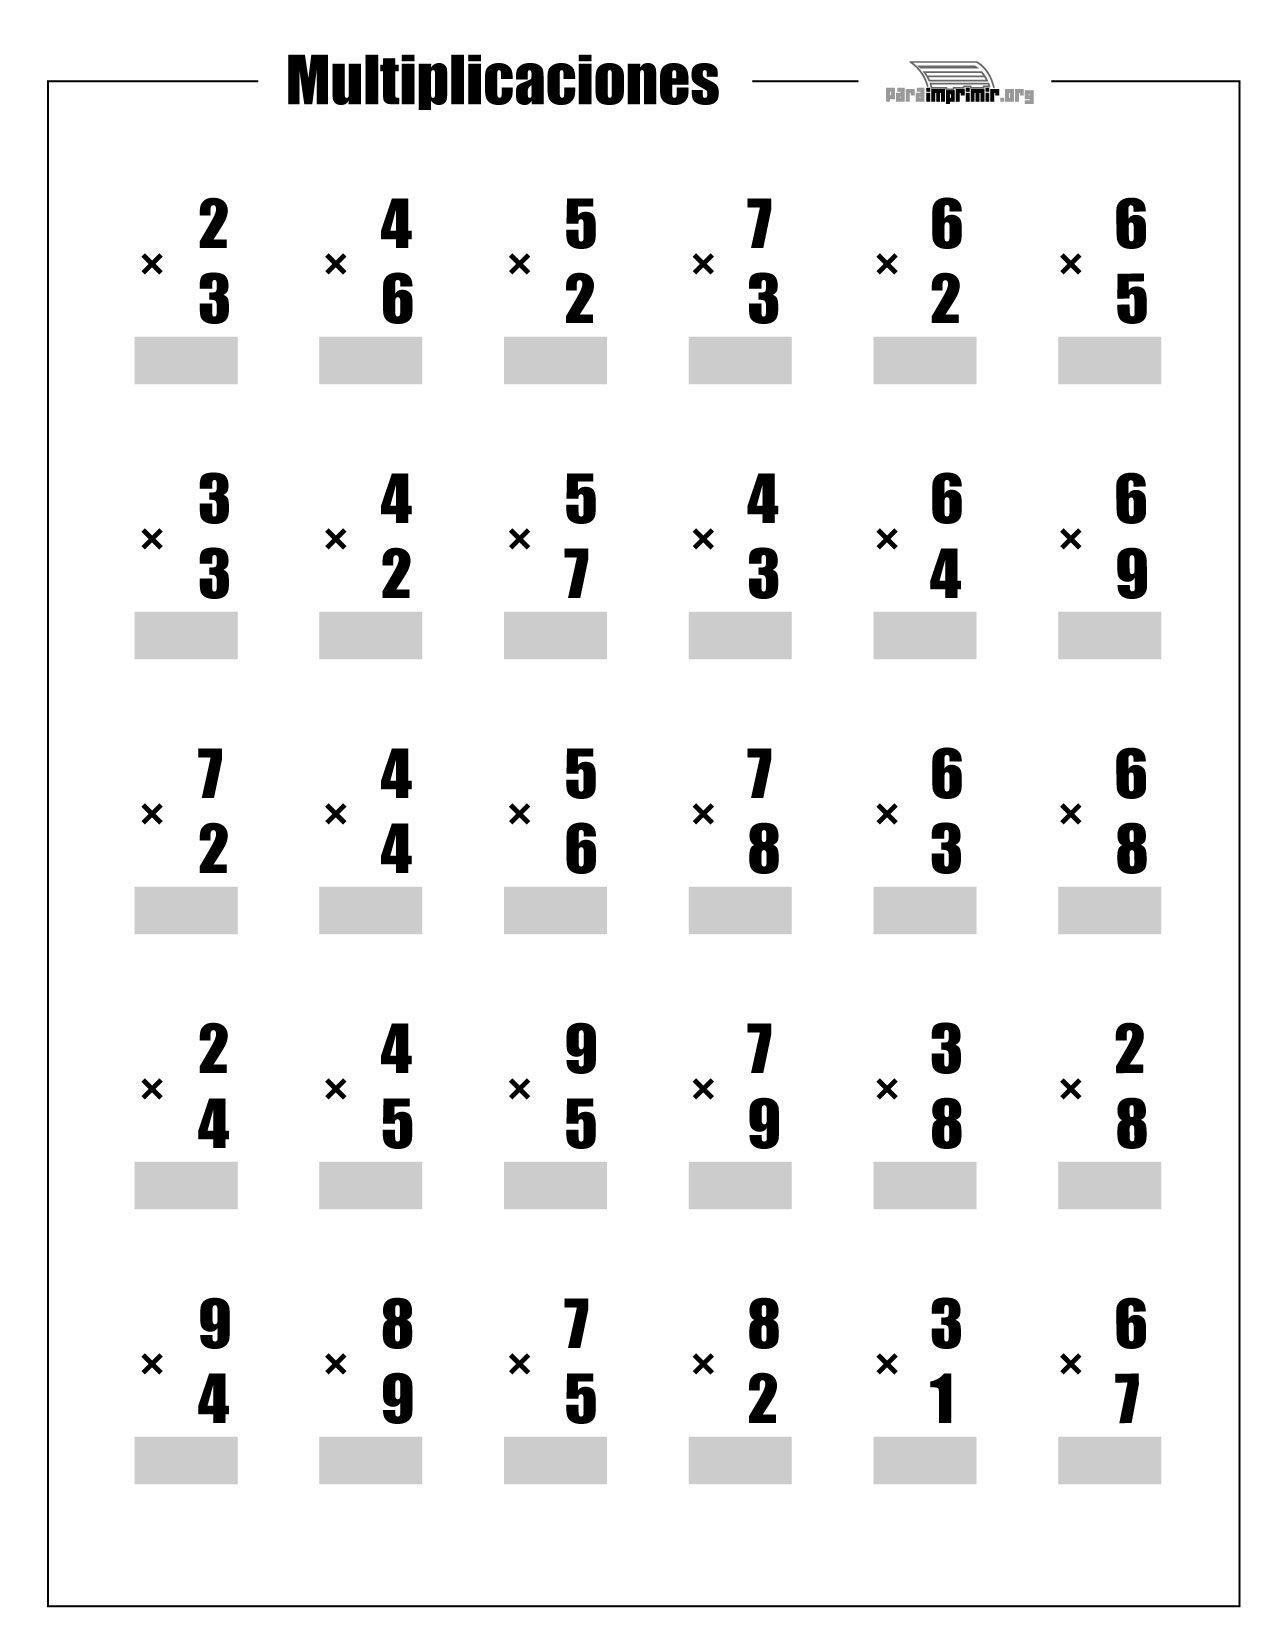 ejercicios de multiplicacion - Buscar con Google